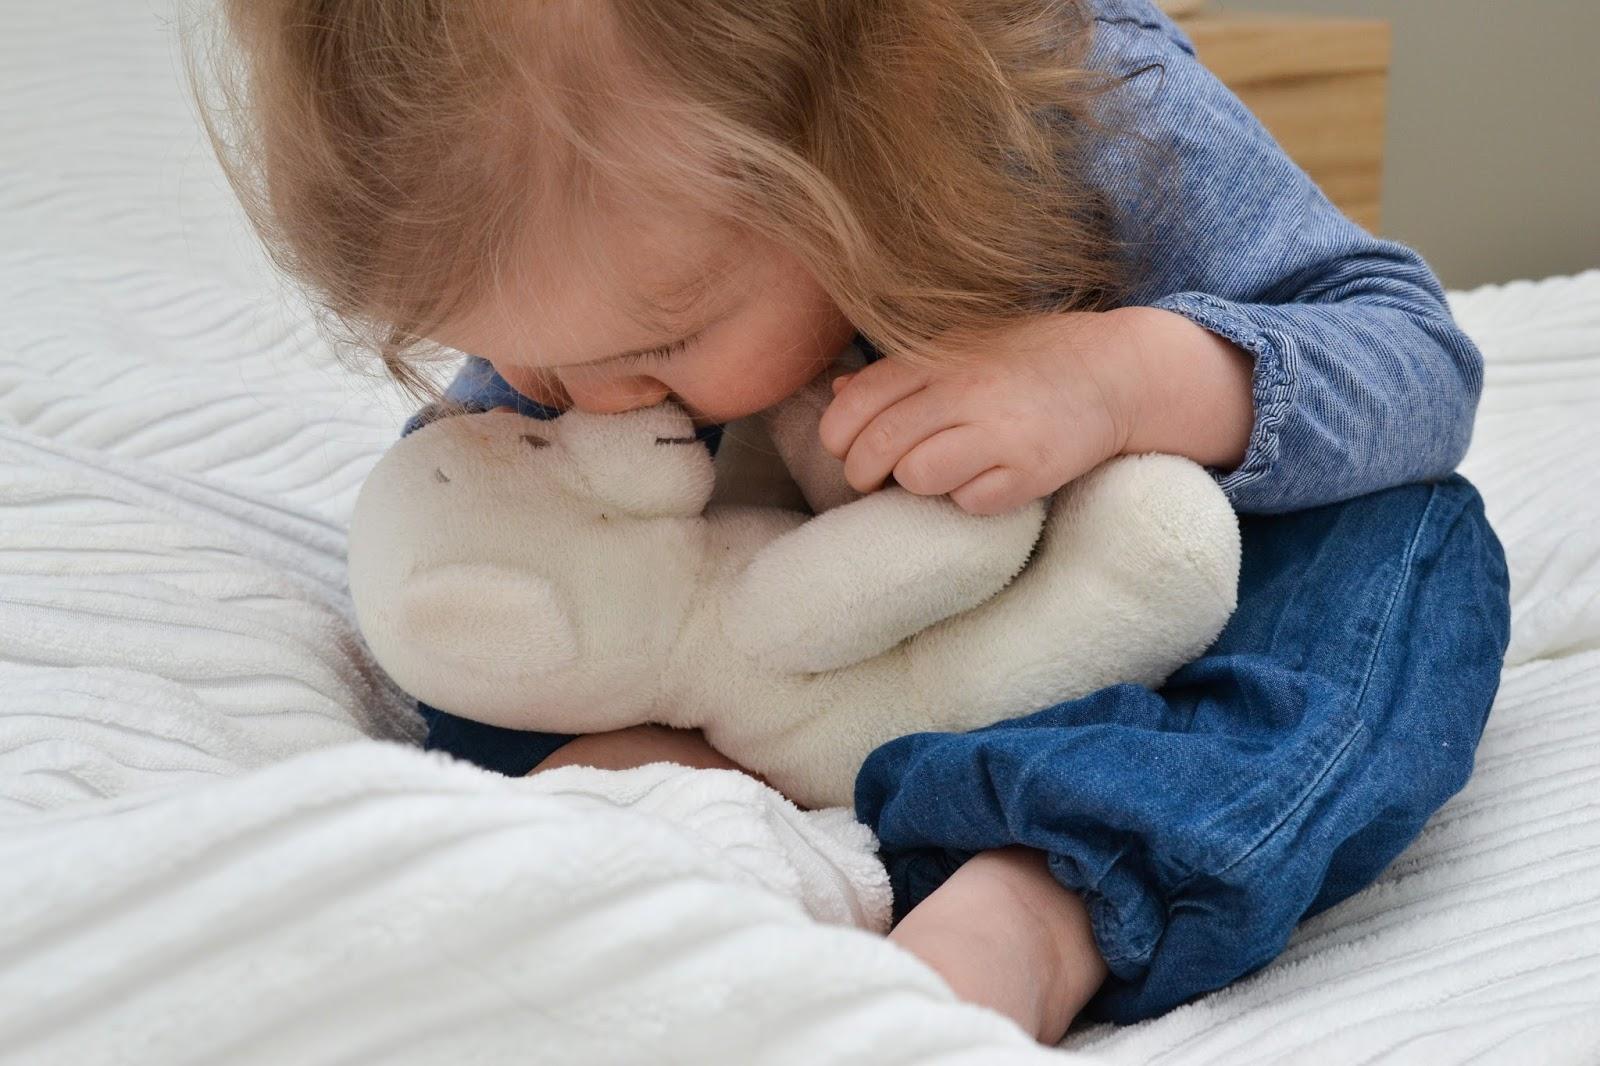 Saippuakuplia olohuoneessa -blogi, kuva Hanna Poikkilehto, taapero, puolitoista vuotias, lapsen kehitys, lapsi, perhe, makuuhuone, sänky, tyttö, nalle, ikea, pussata, helliä,